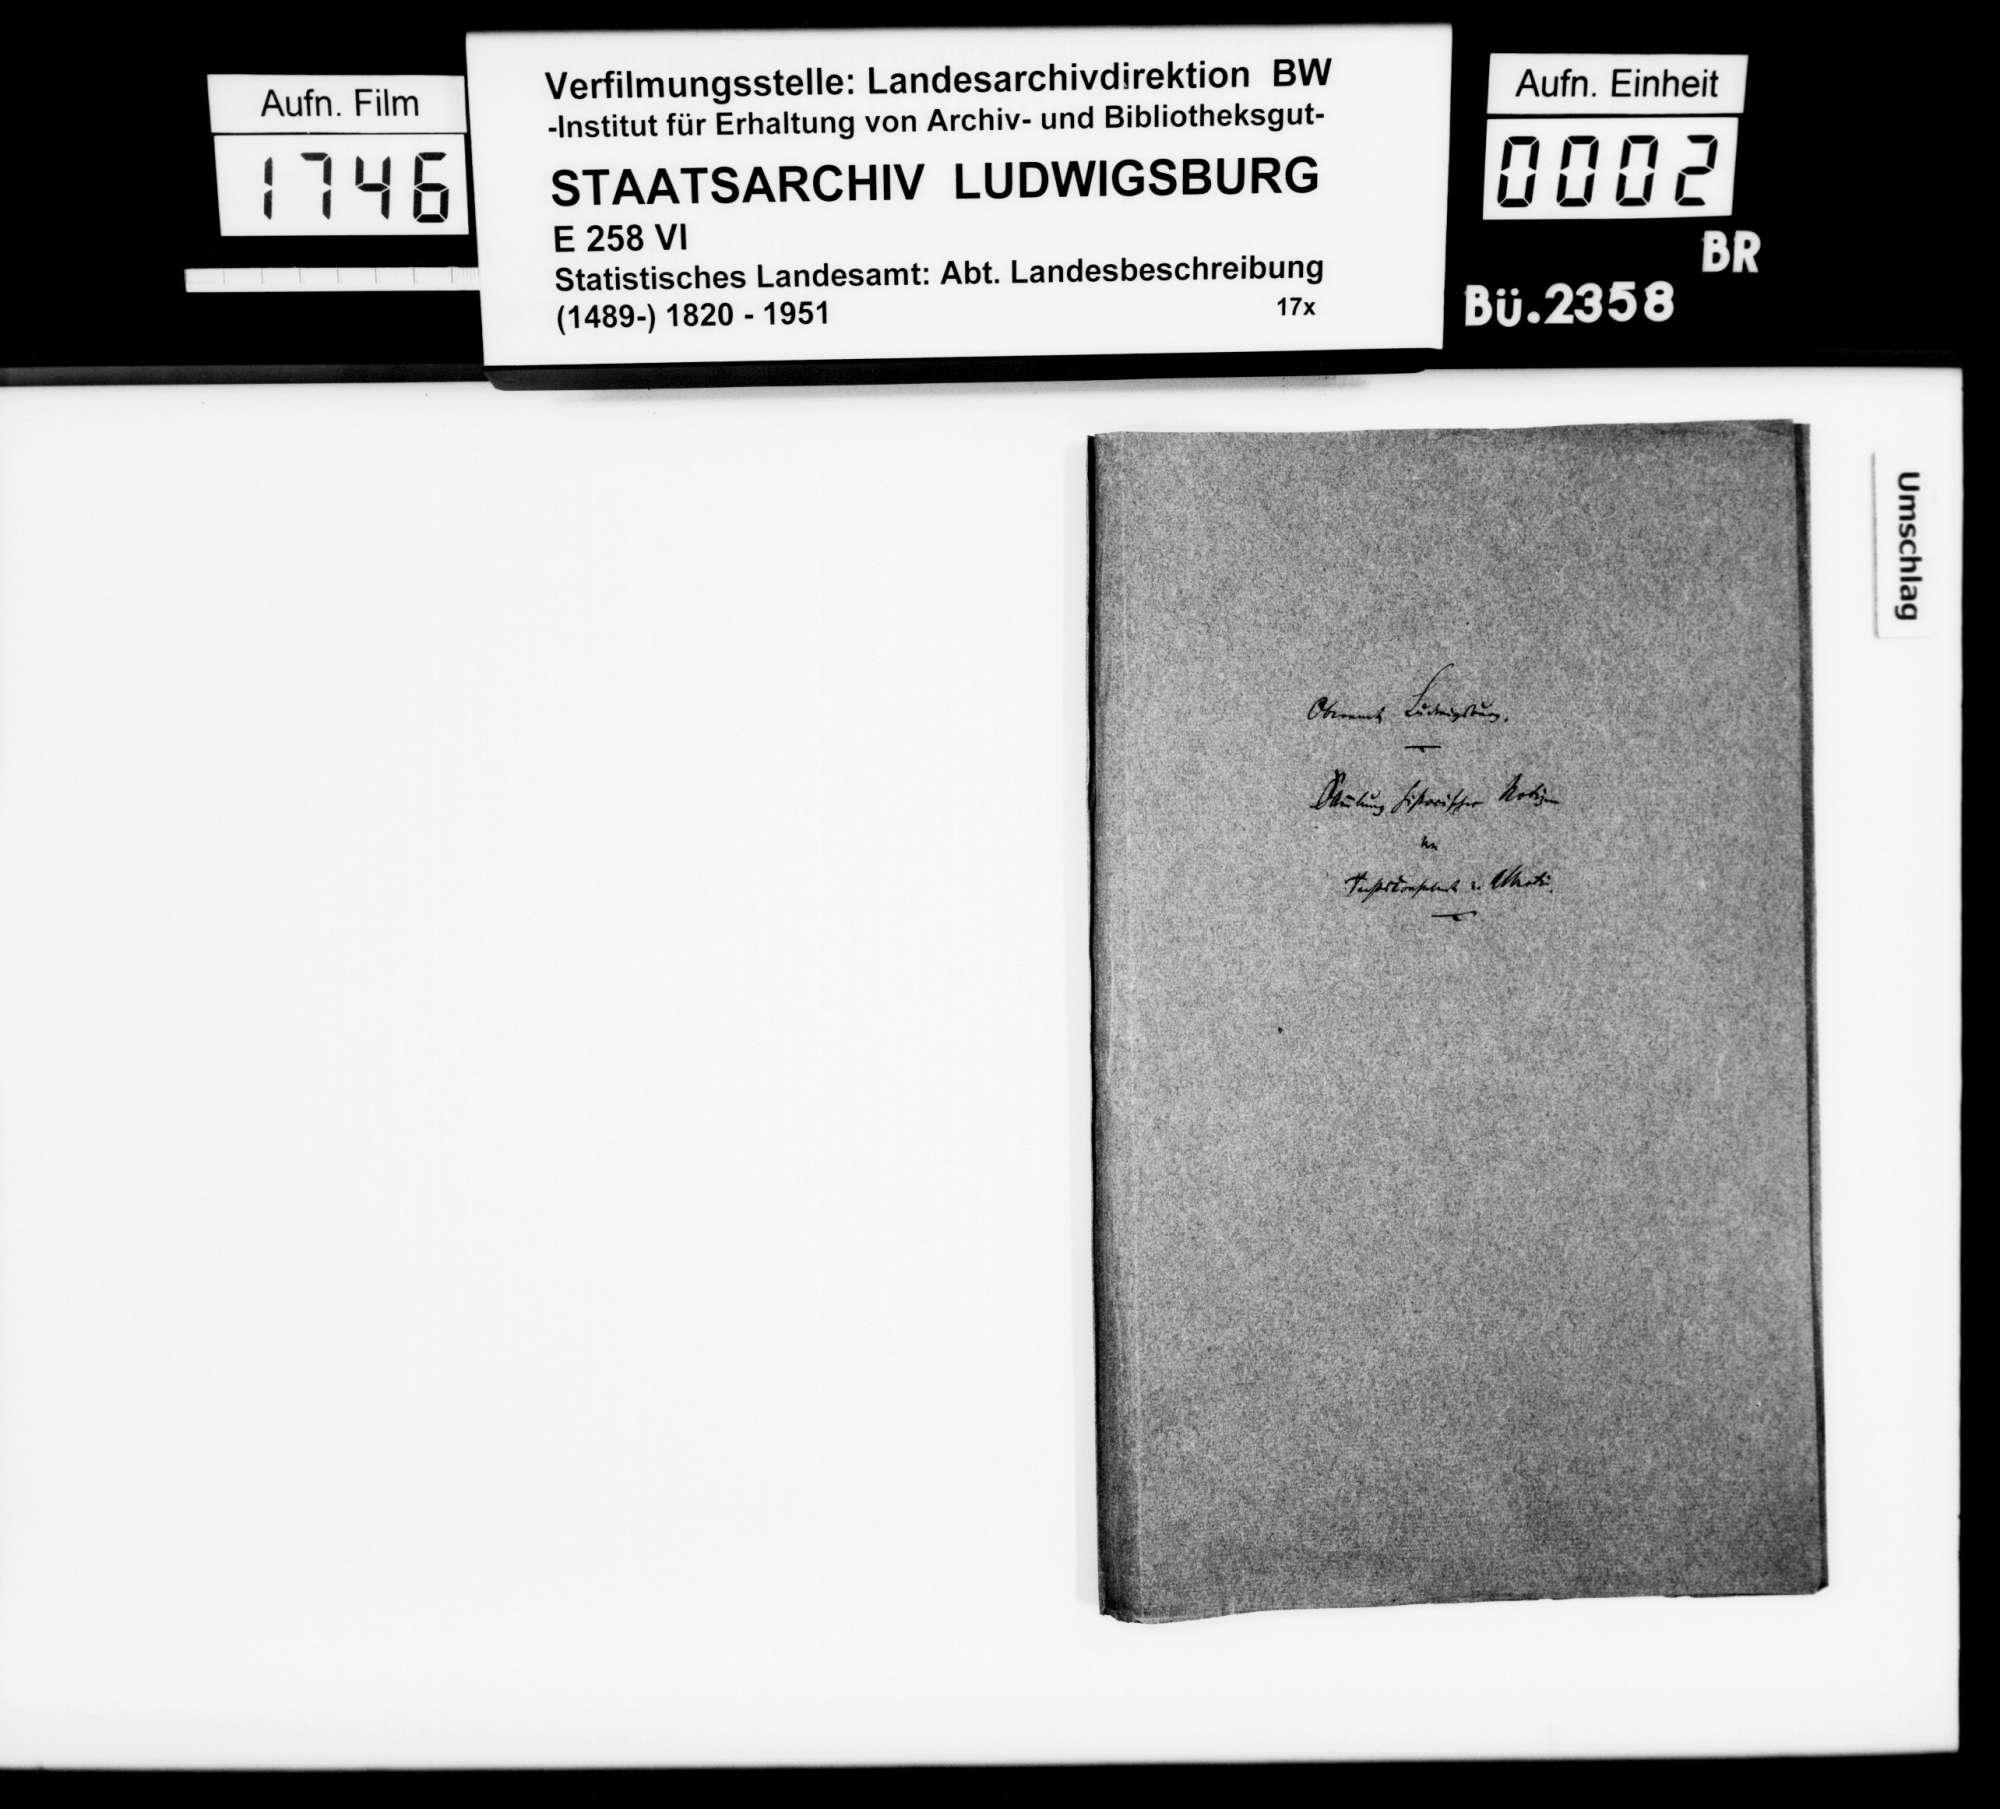 Kollektaneen des Rechtskonsulenten [Karl] von Alberti zur Besitzgeschichte, zum Adel, zu Schlössern, Burgen und Ruinen im Oberamt, Bild 1